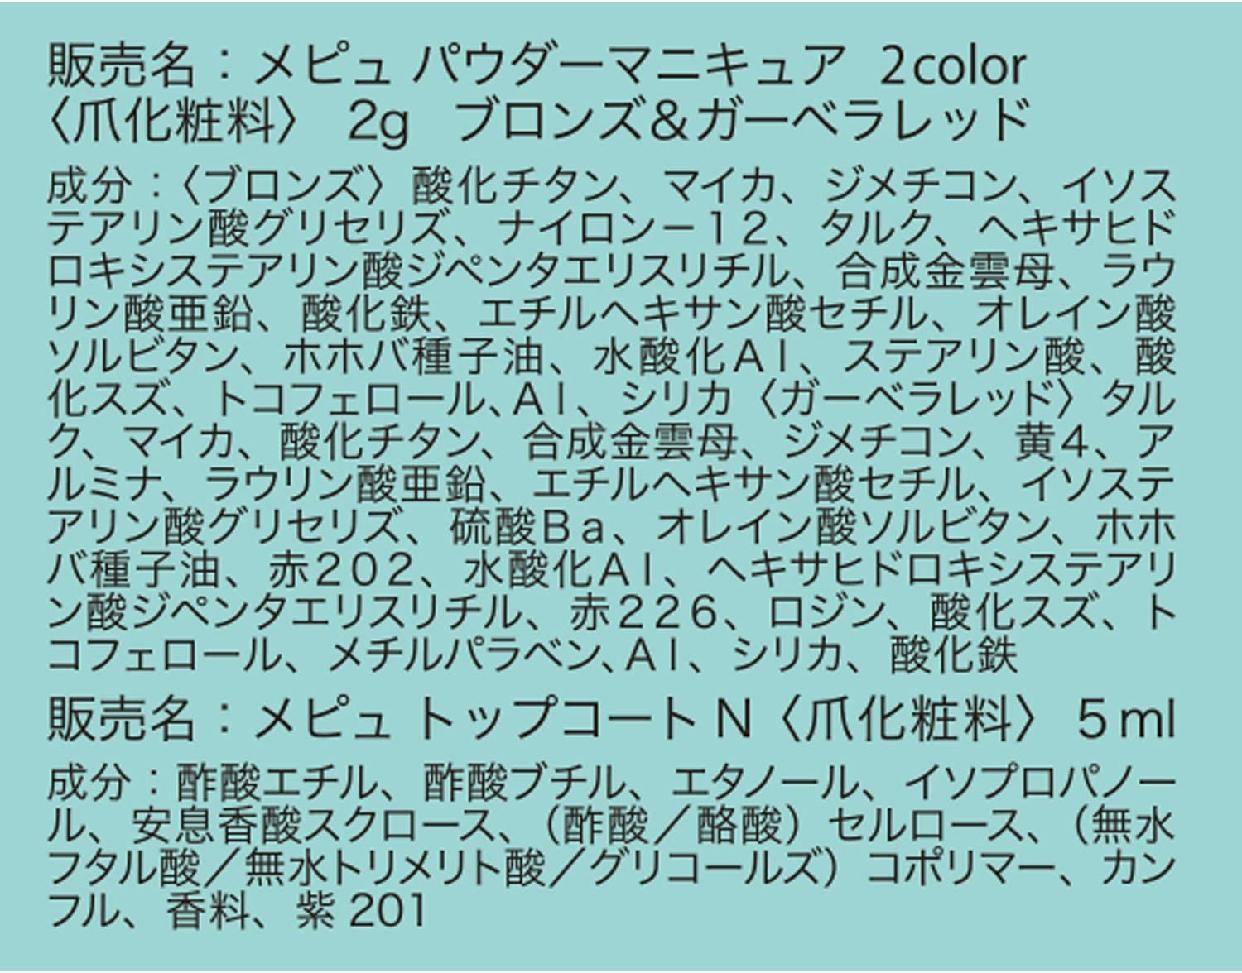 mepyu(メピュ)パウダーマニキュア 2 colorの商品画像2